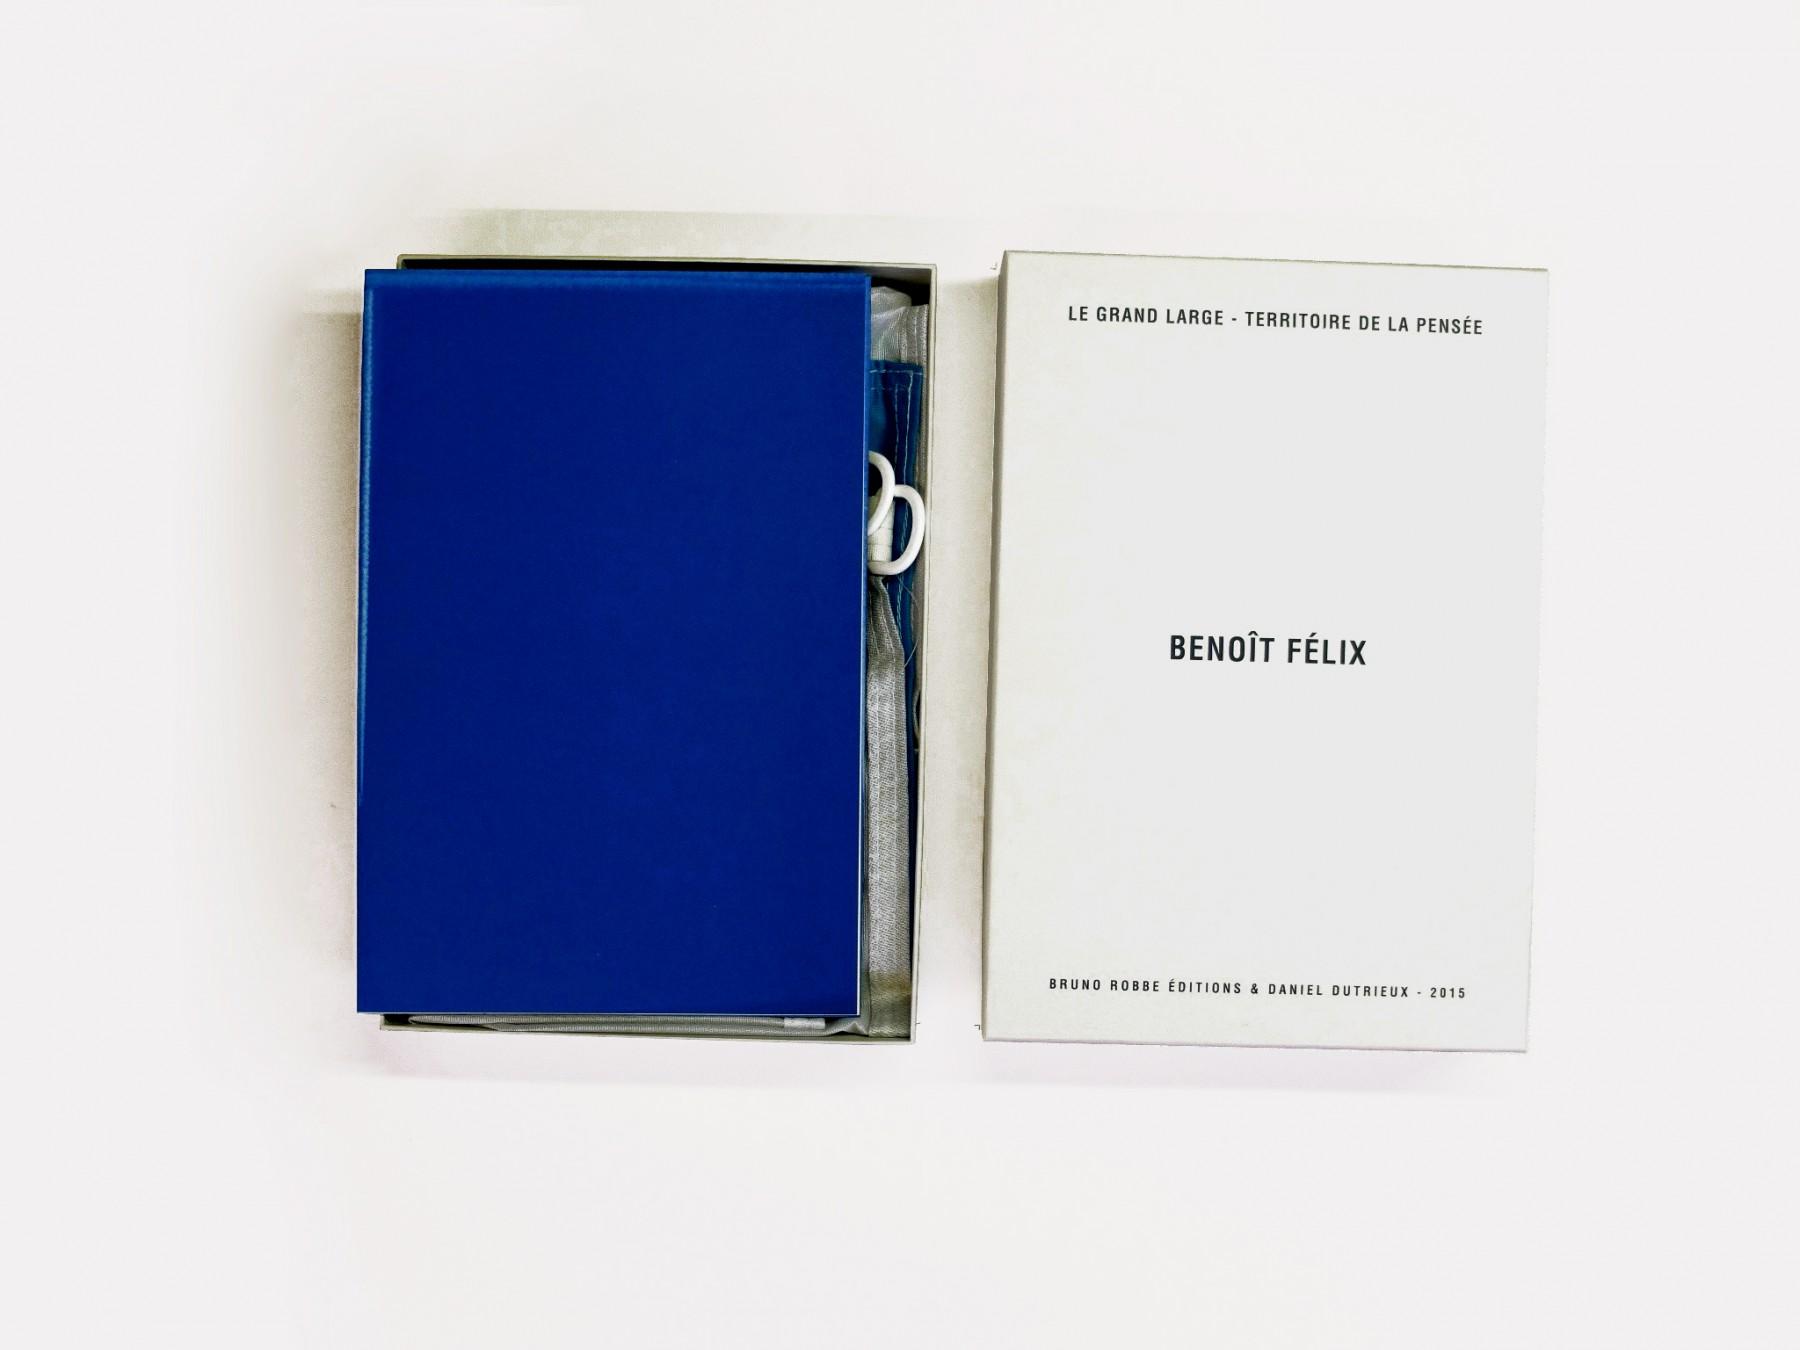 Grand-Large Félix Boîte